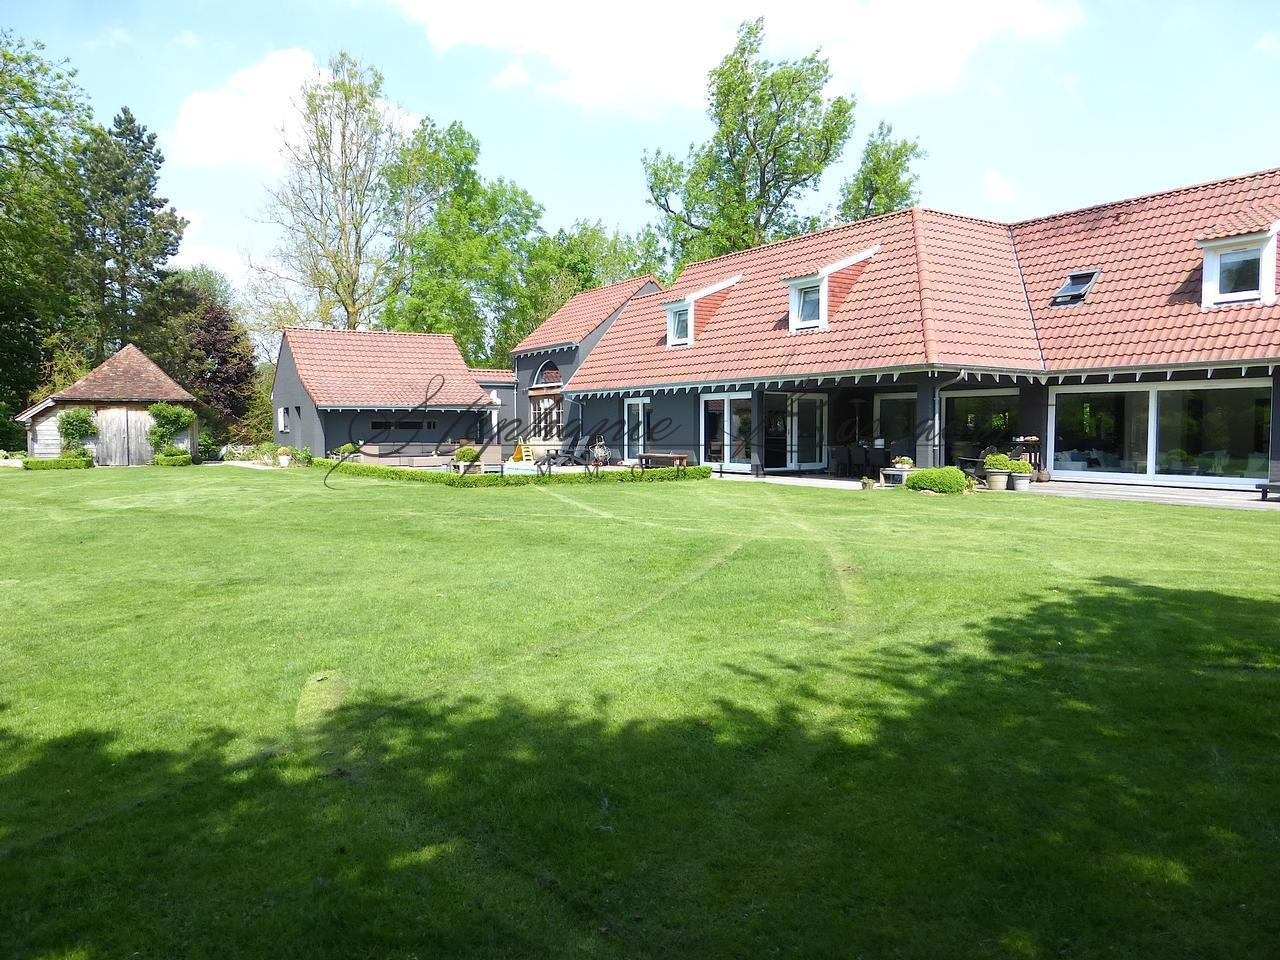 Immobilier Maison Villeneuve D Ascq Exclusivite Villa D ... dedans Piscine Villeneuve D Ascq